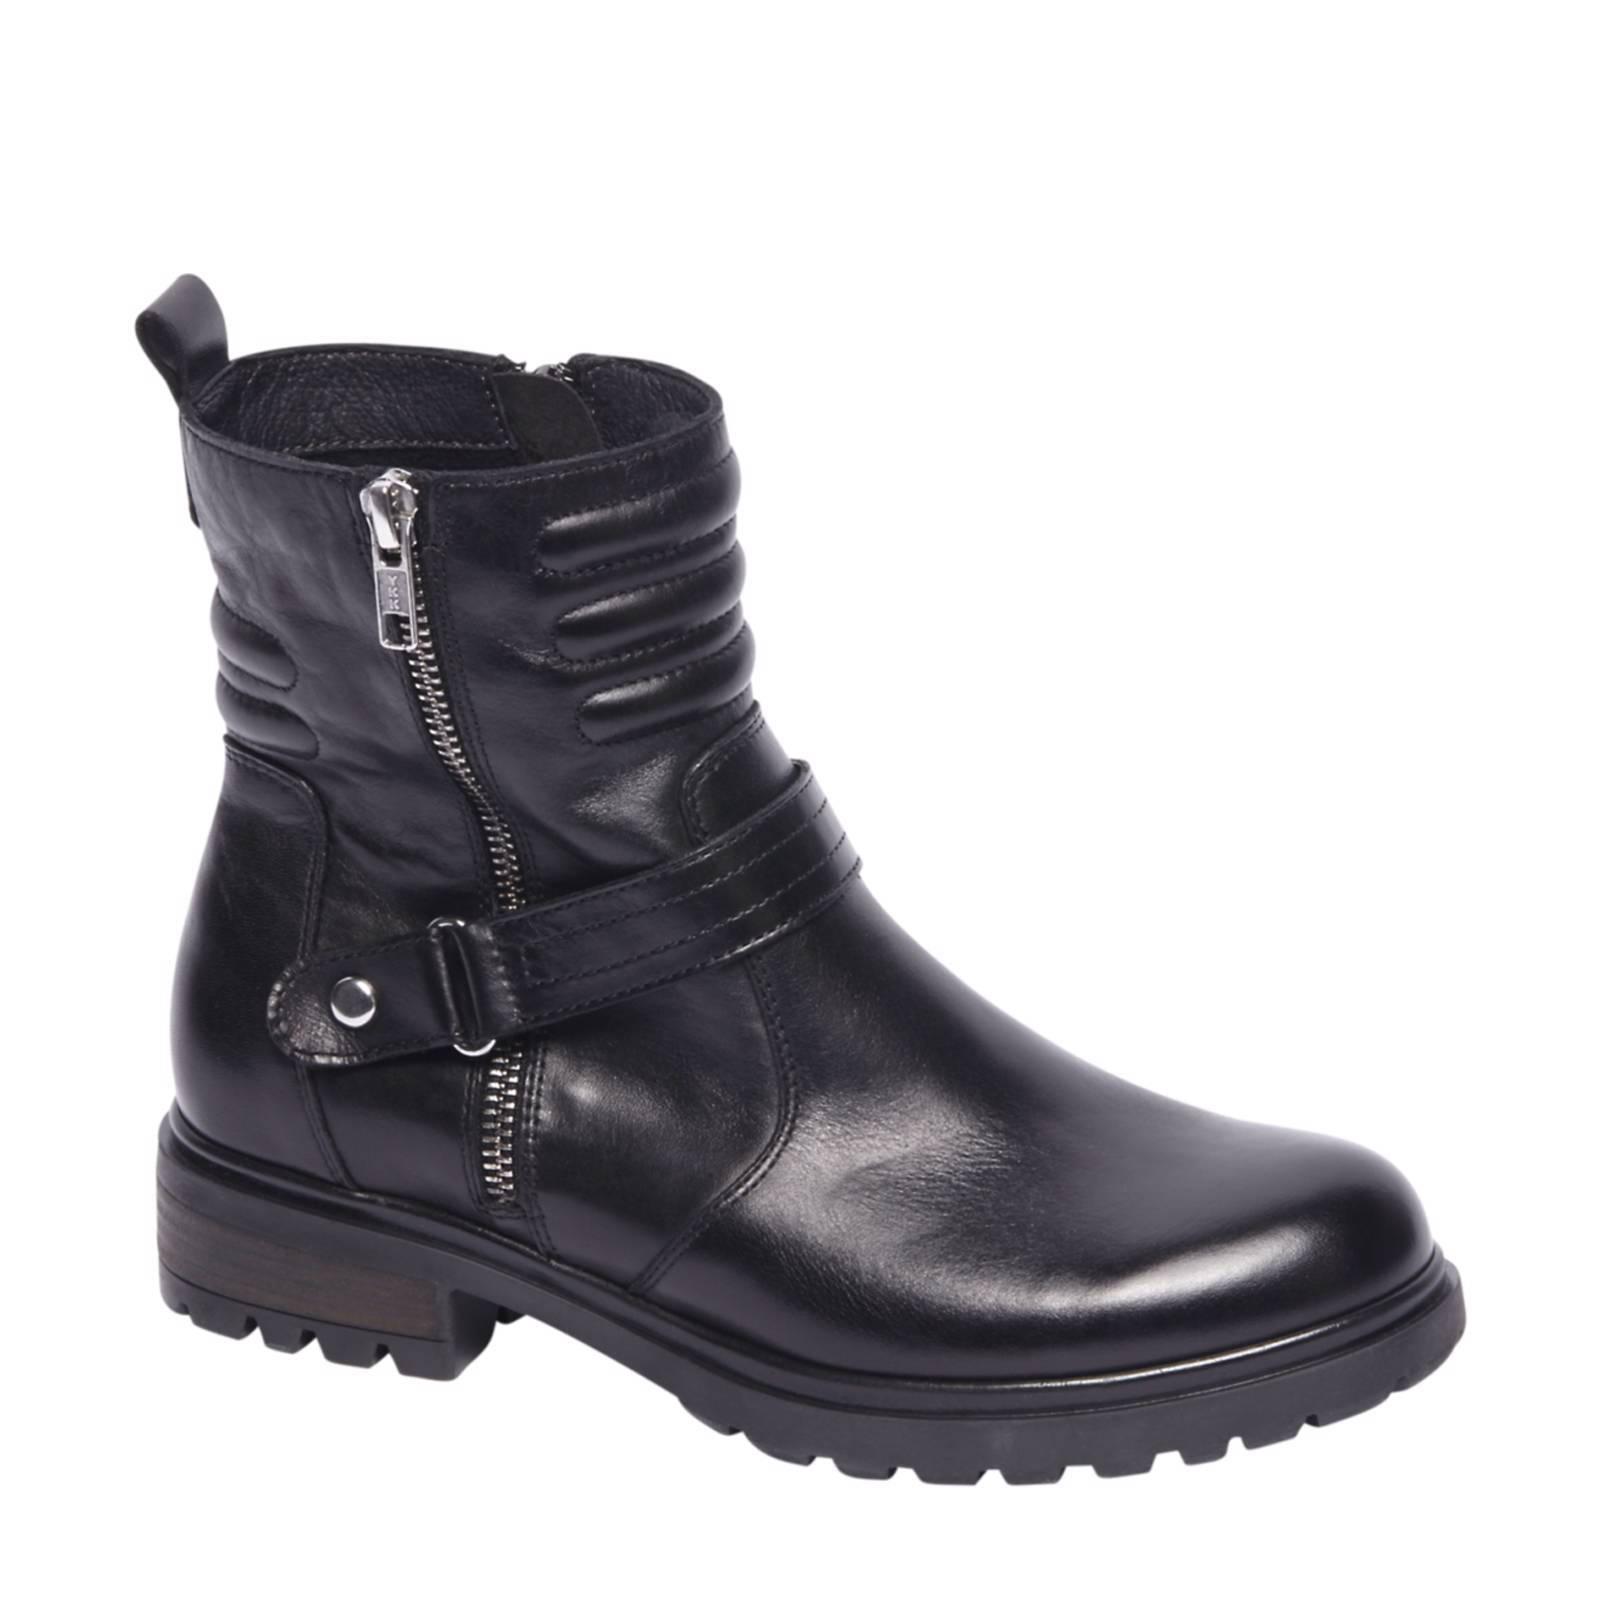 5ème Avenue Des Chaussures Noires Avec Fermeture À Glissière Pour Les Femmes 1P4UIj